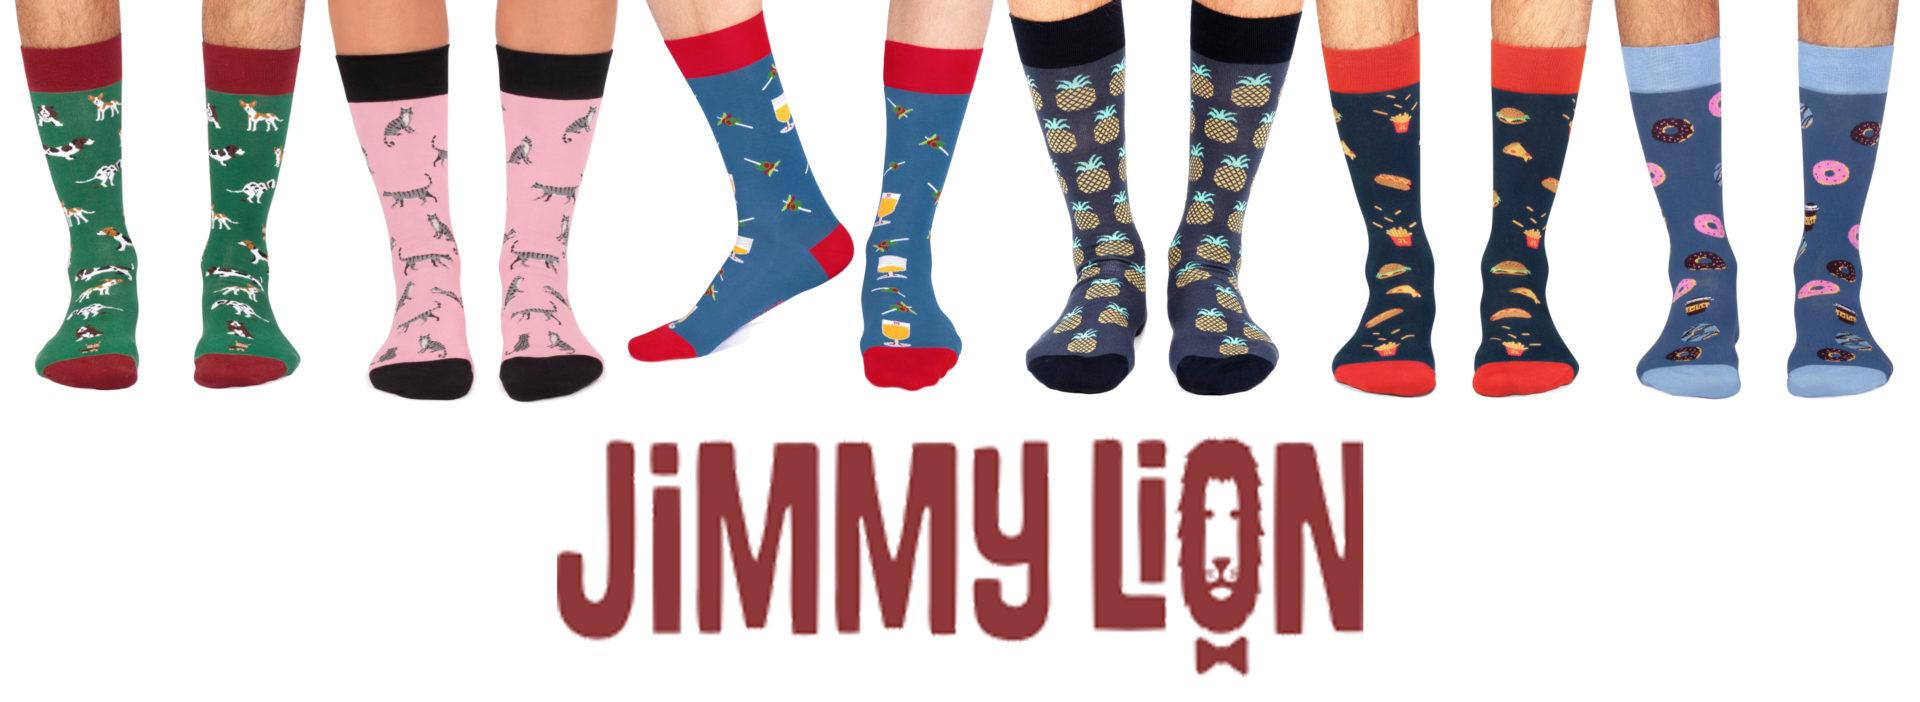 Ya están aquí los nuevos modelos de los calcetines Jimmy Lion ...